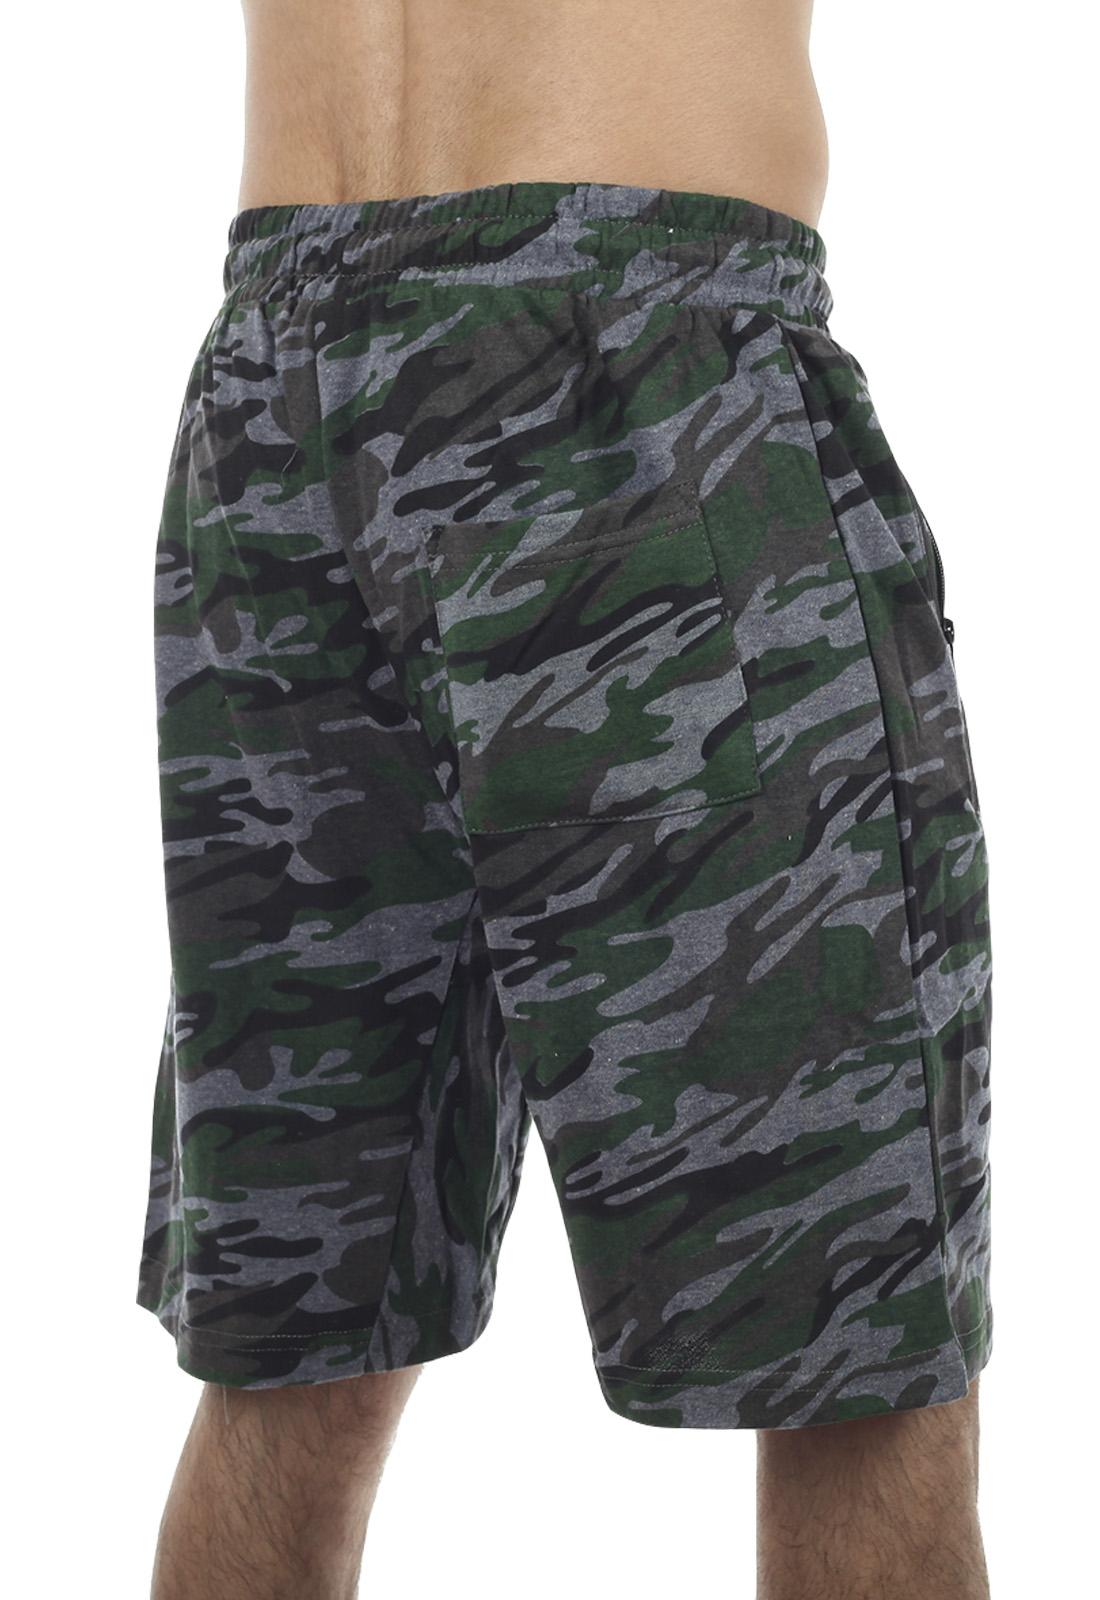 Спецназовская одежда: шорты, толстовки, футболки по цене производителя